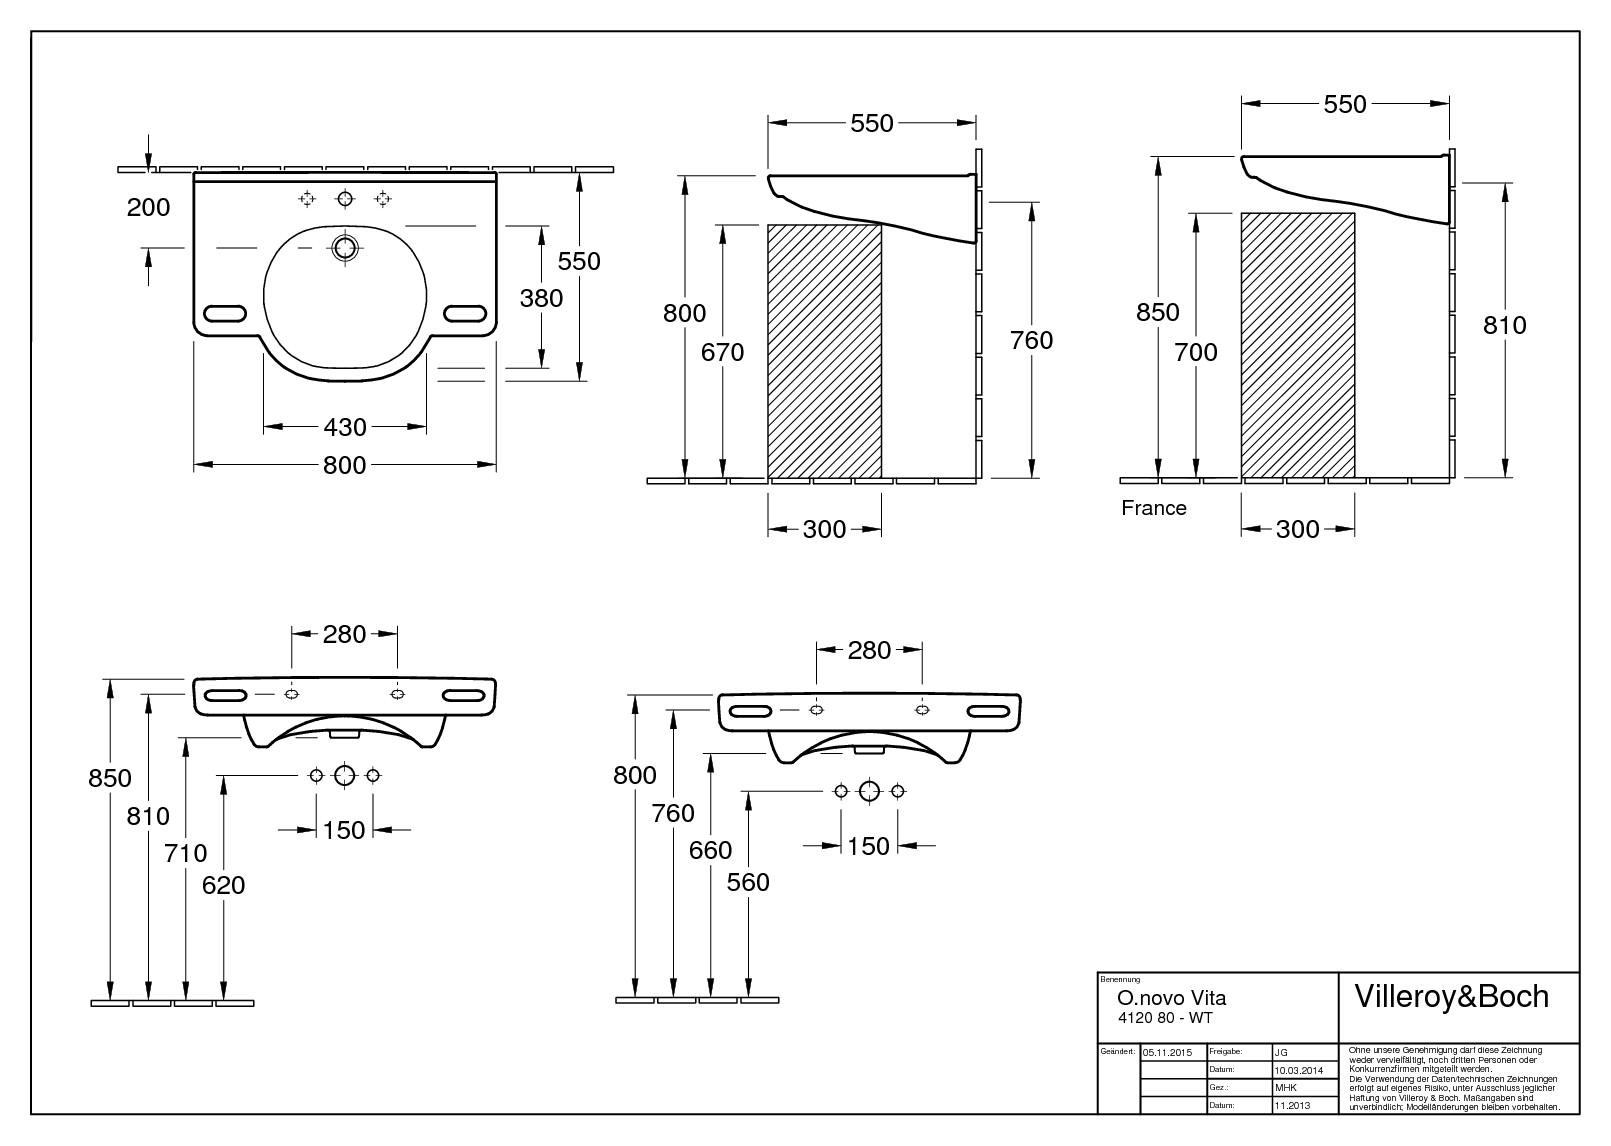 villeroy boch o novo vita waschtisch 800 x 550 mm mit hahnloch mit berlauf wei alpin 41208001. Black Bedroom Furniture Sets. Home Design Ideas